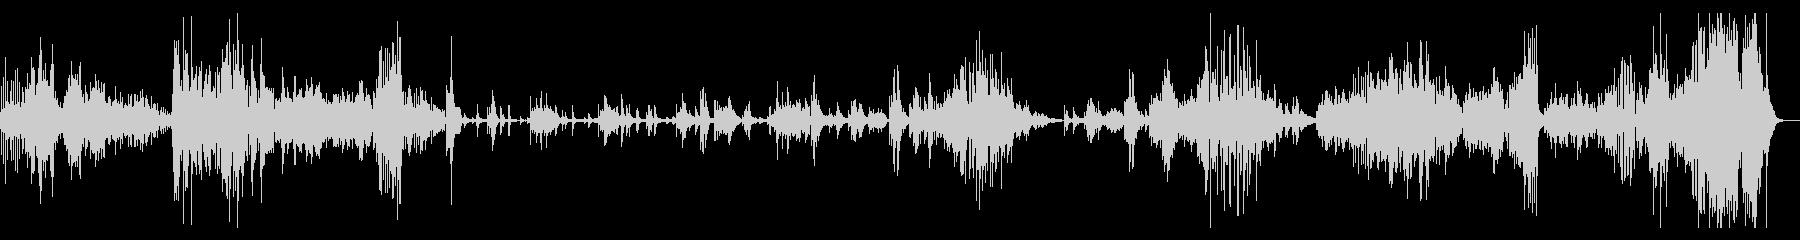 ラヴェル ピアノ組曲 - (鏡)ピエロの未再生の波形